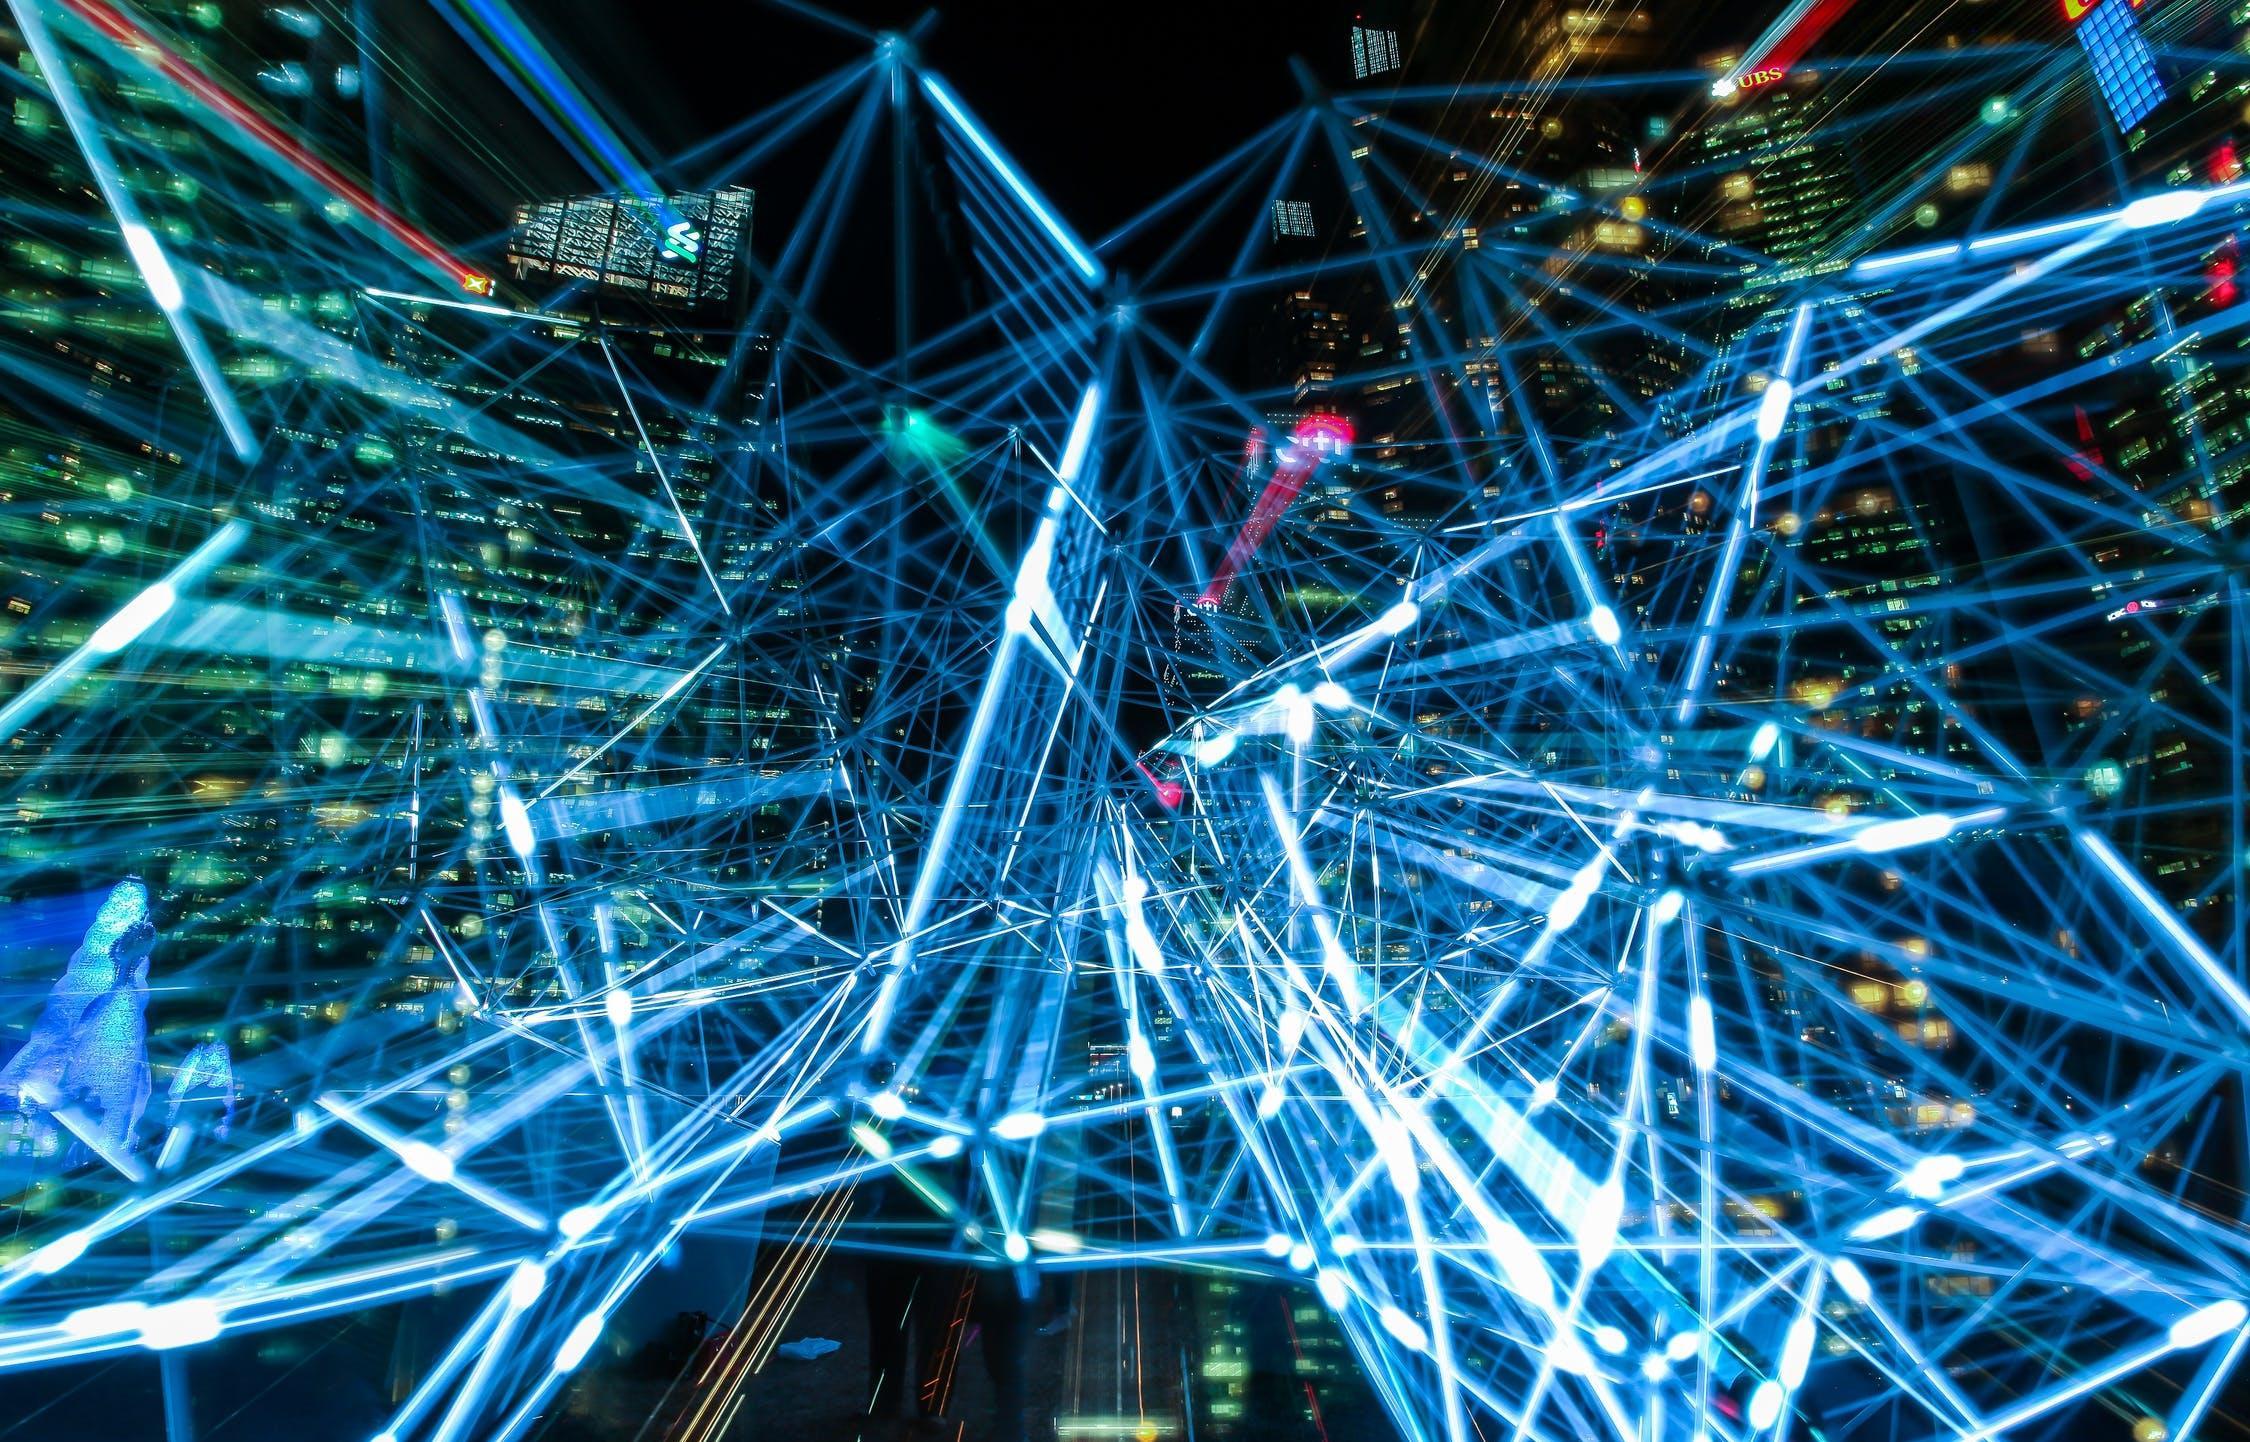 Эксперт «МКБ Инвестиции» прогнозирует высокий рост доходности по акциям технологических компаний  - новости Афанасий